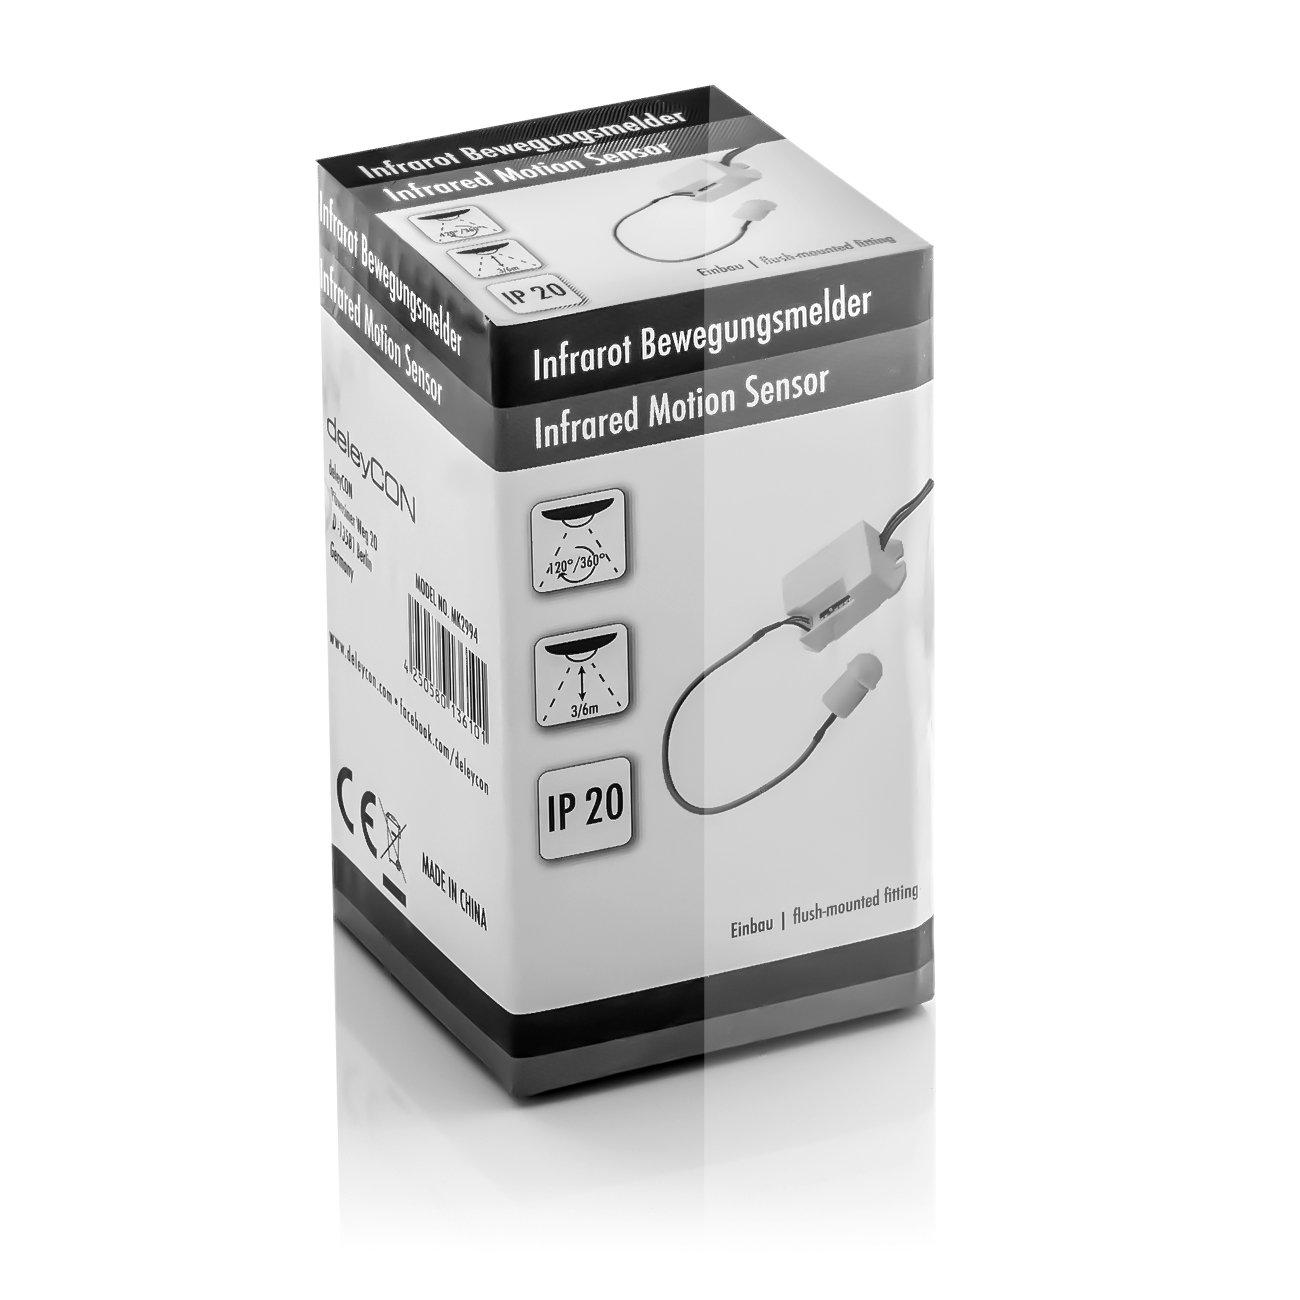 deleyCON Miniatura Infrarrojos Detector de Movimiento En el Interior Alcance 6m a 360/° La Construcci/ón m/ás Peque/ña Casi Invisible IP20 Montaje Empotrado Blanco